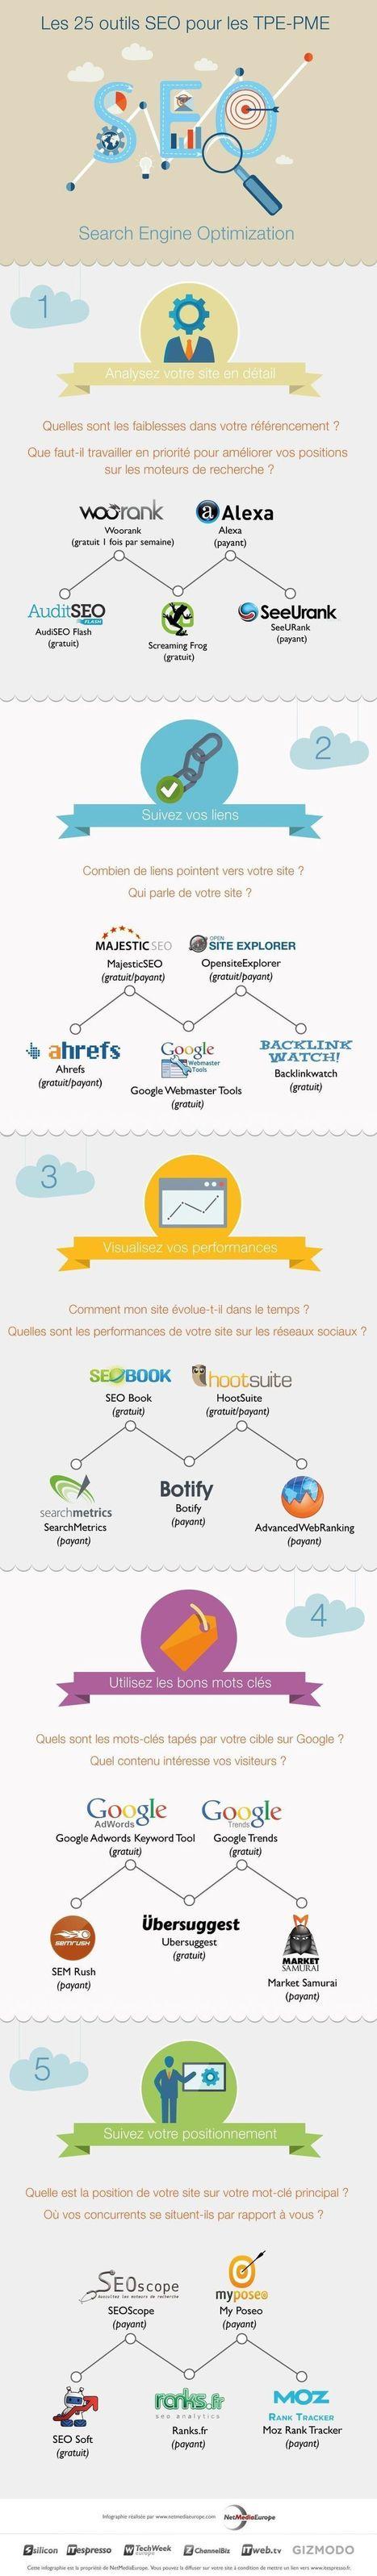 Infographie : 25 outils SEO efficaces pour les TPE - PME - Labo JNG WEB : Sites & Référencement   Marketing Entrant ou Inbound Marketing   Scoop.it